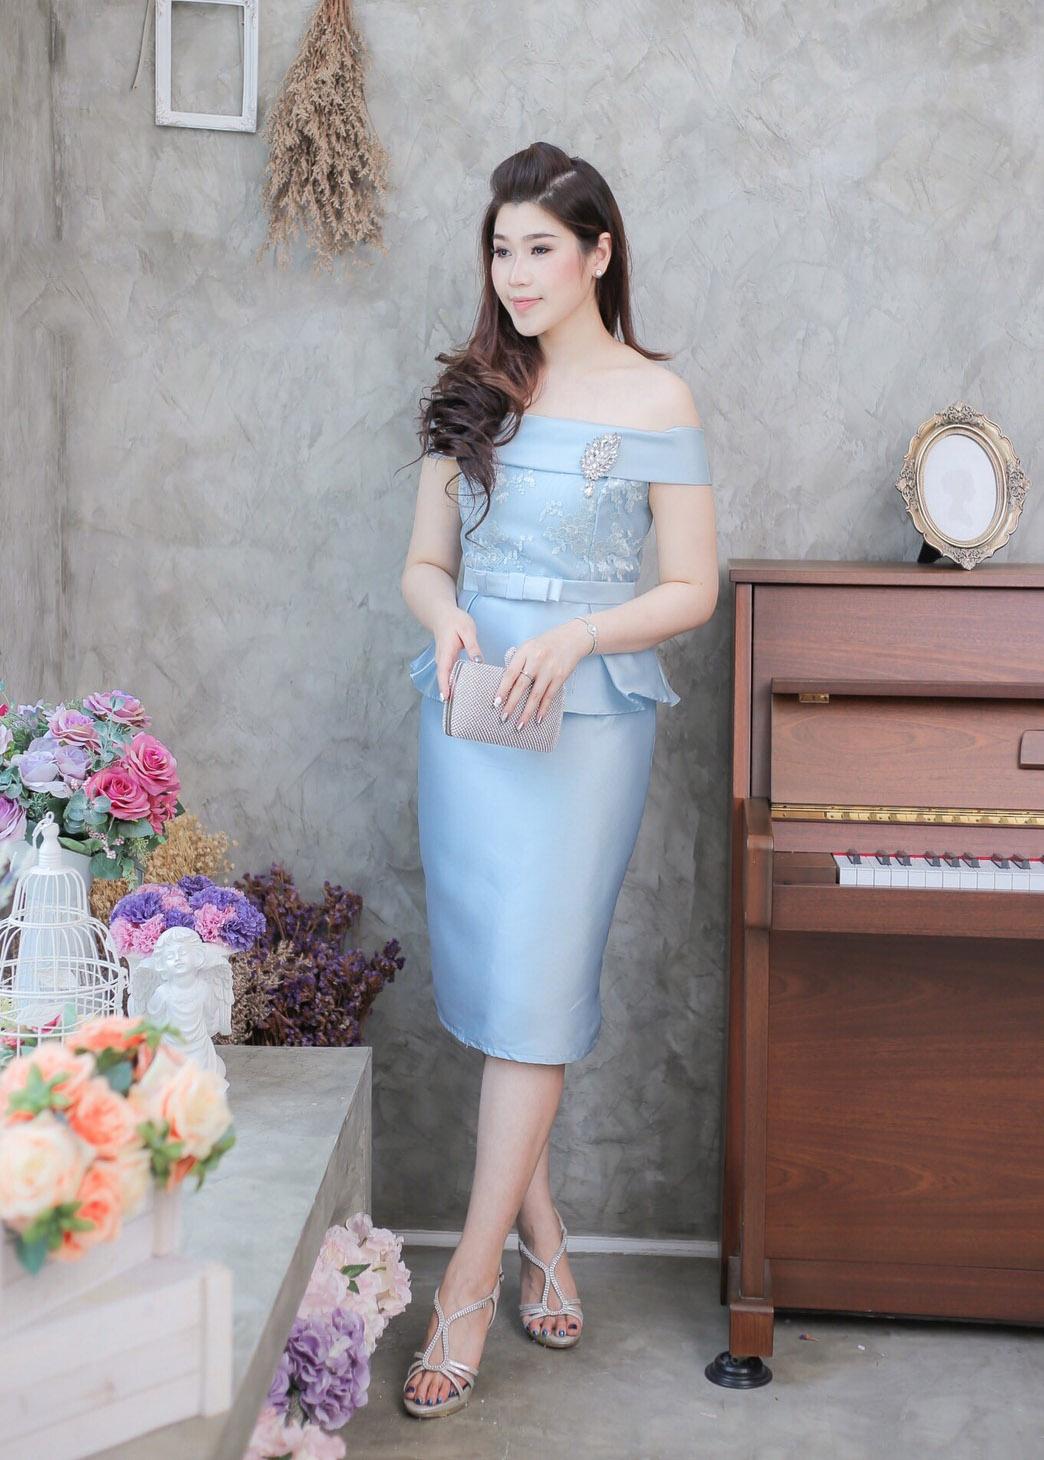 ชุดออกงาน/ชุดไปงานแต่งงานสีฟ้า เปิดไหล่ ทรงเข้ารูป ลุคเรียบหรู สวยสง่า